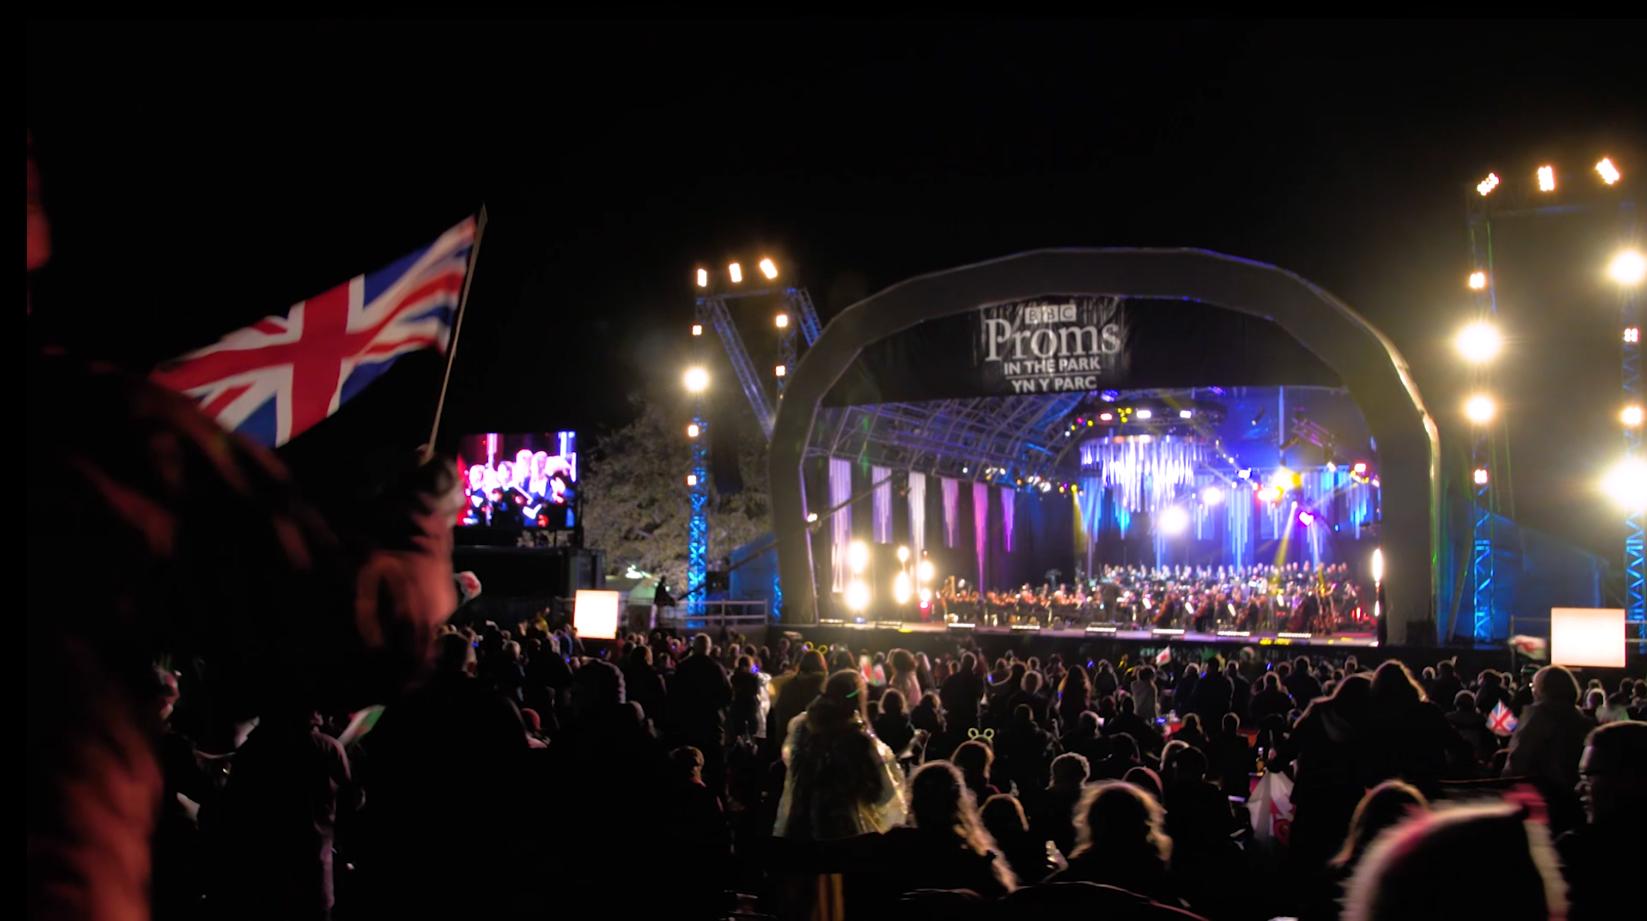 Proms yn y Parc y BBC - Cymru